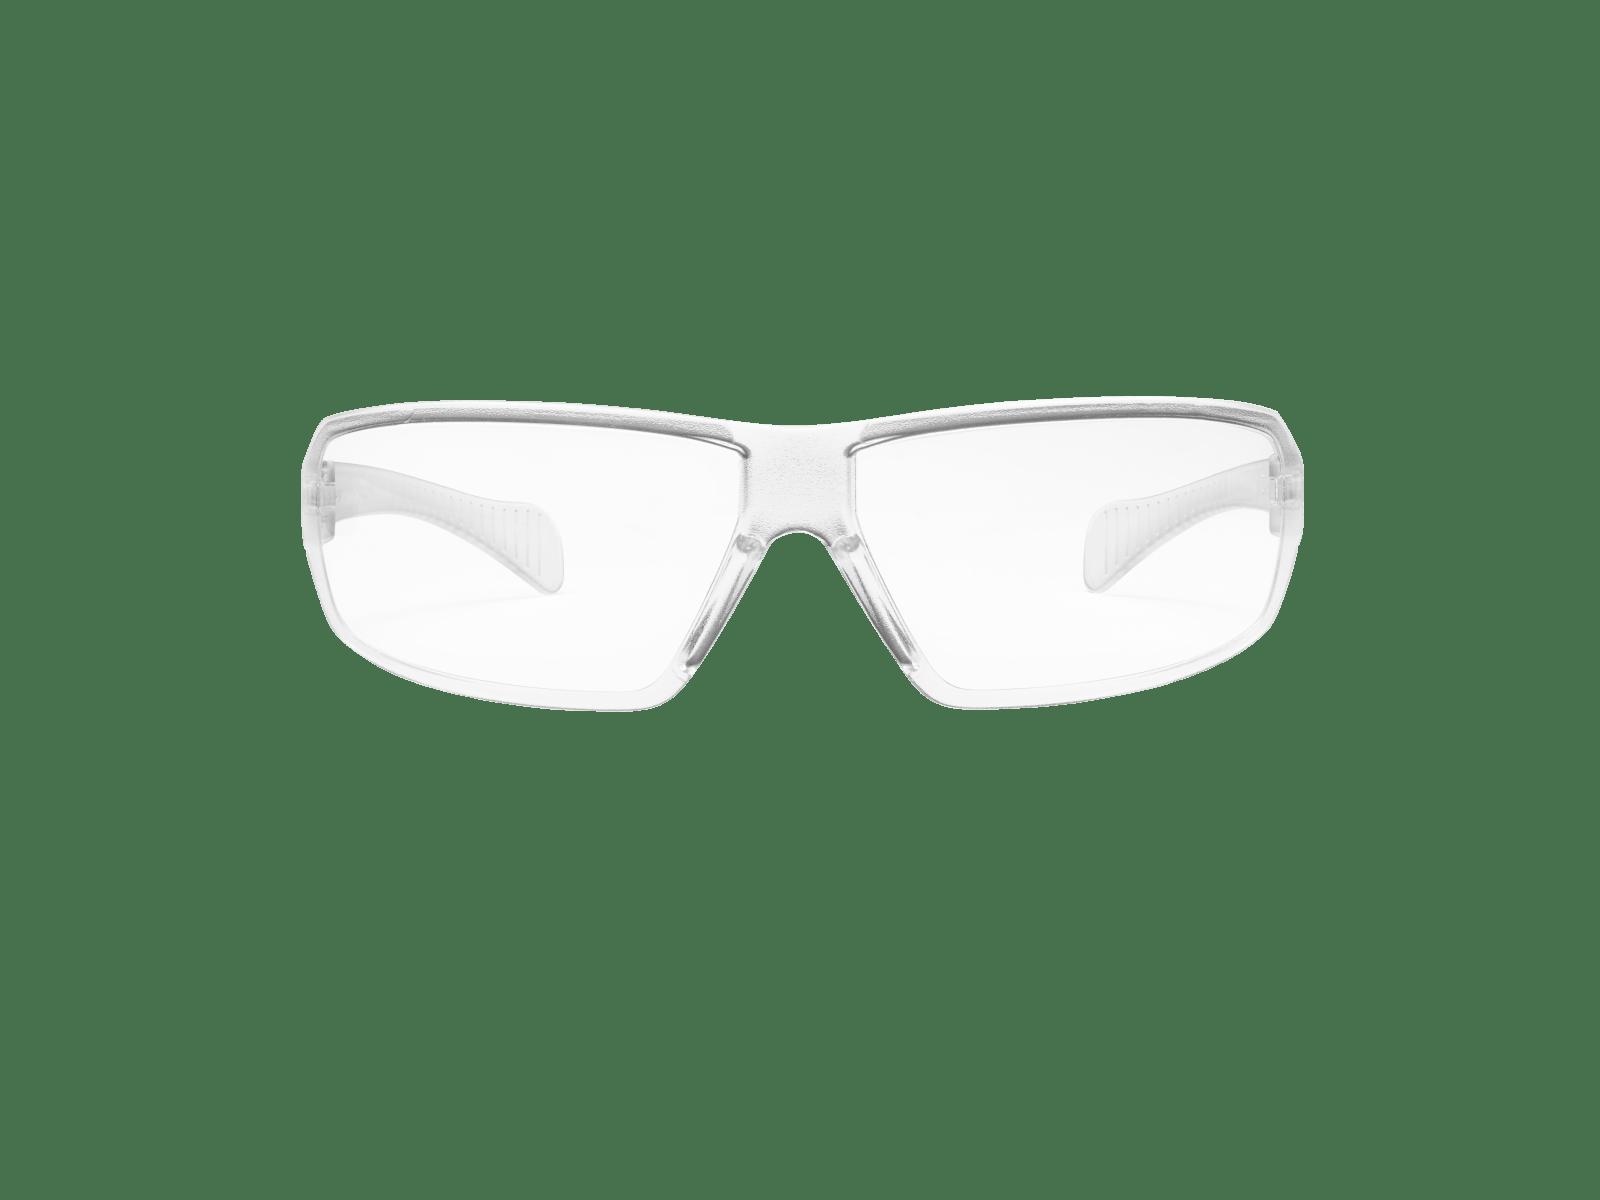 Schutzbrille Zero - transparent beschlagfrei & kratzfest